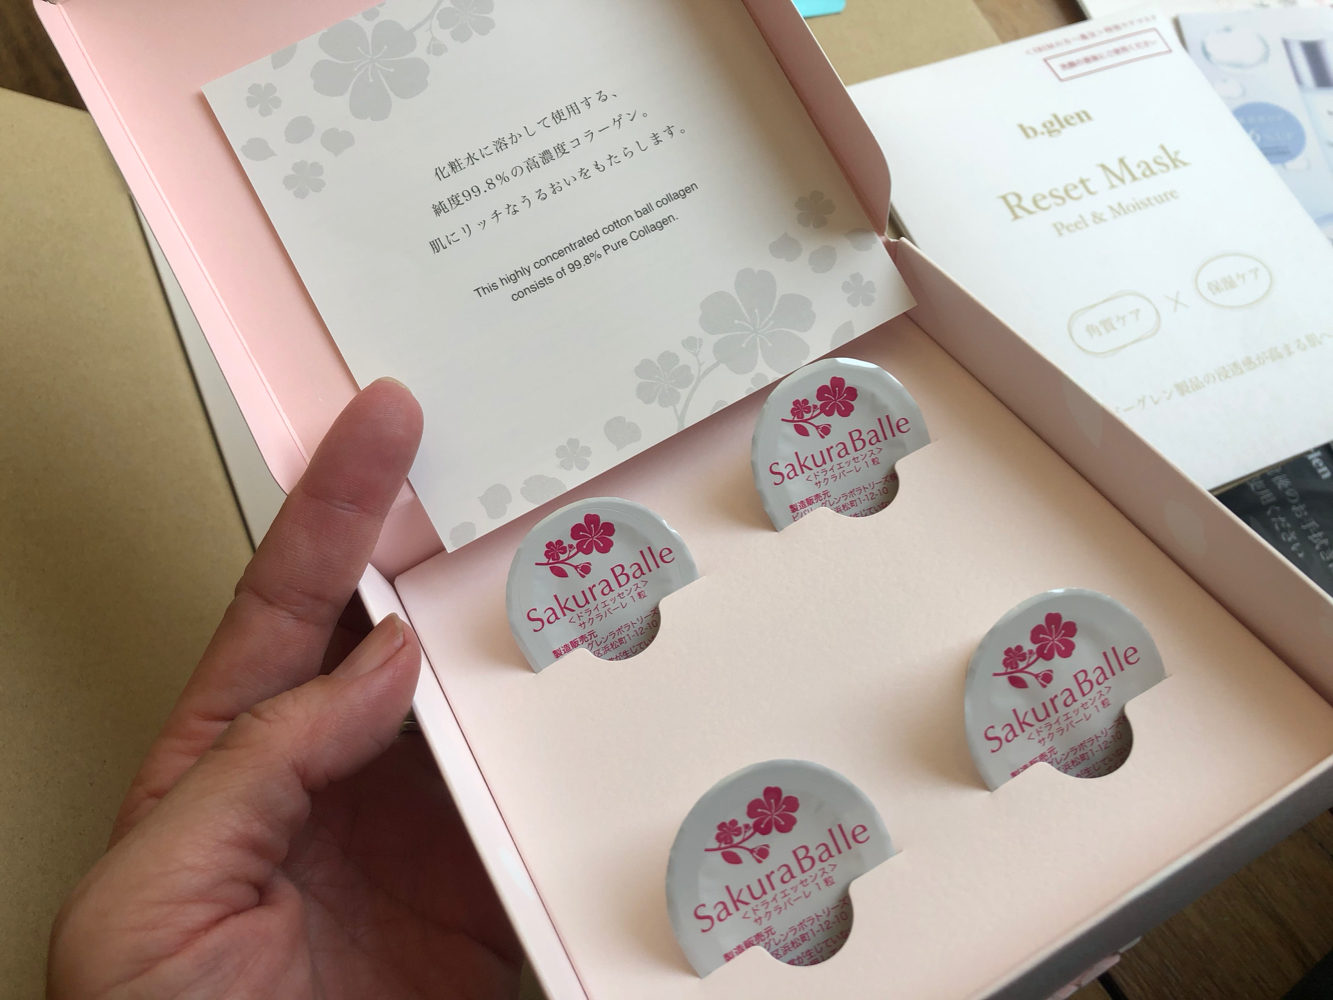 b.glen_IBIM定額サービス、今回の継続プレゼントは、ピュアコラーゲンの綿玉。化粧水に溶かして使います。